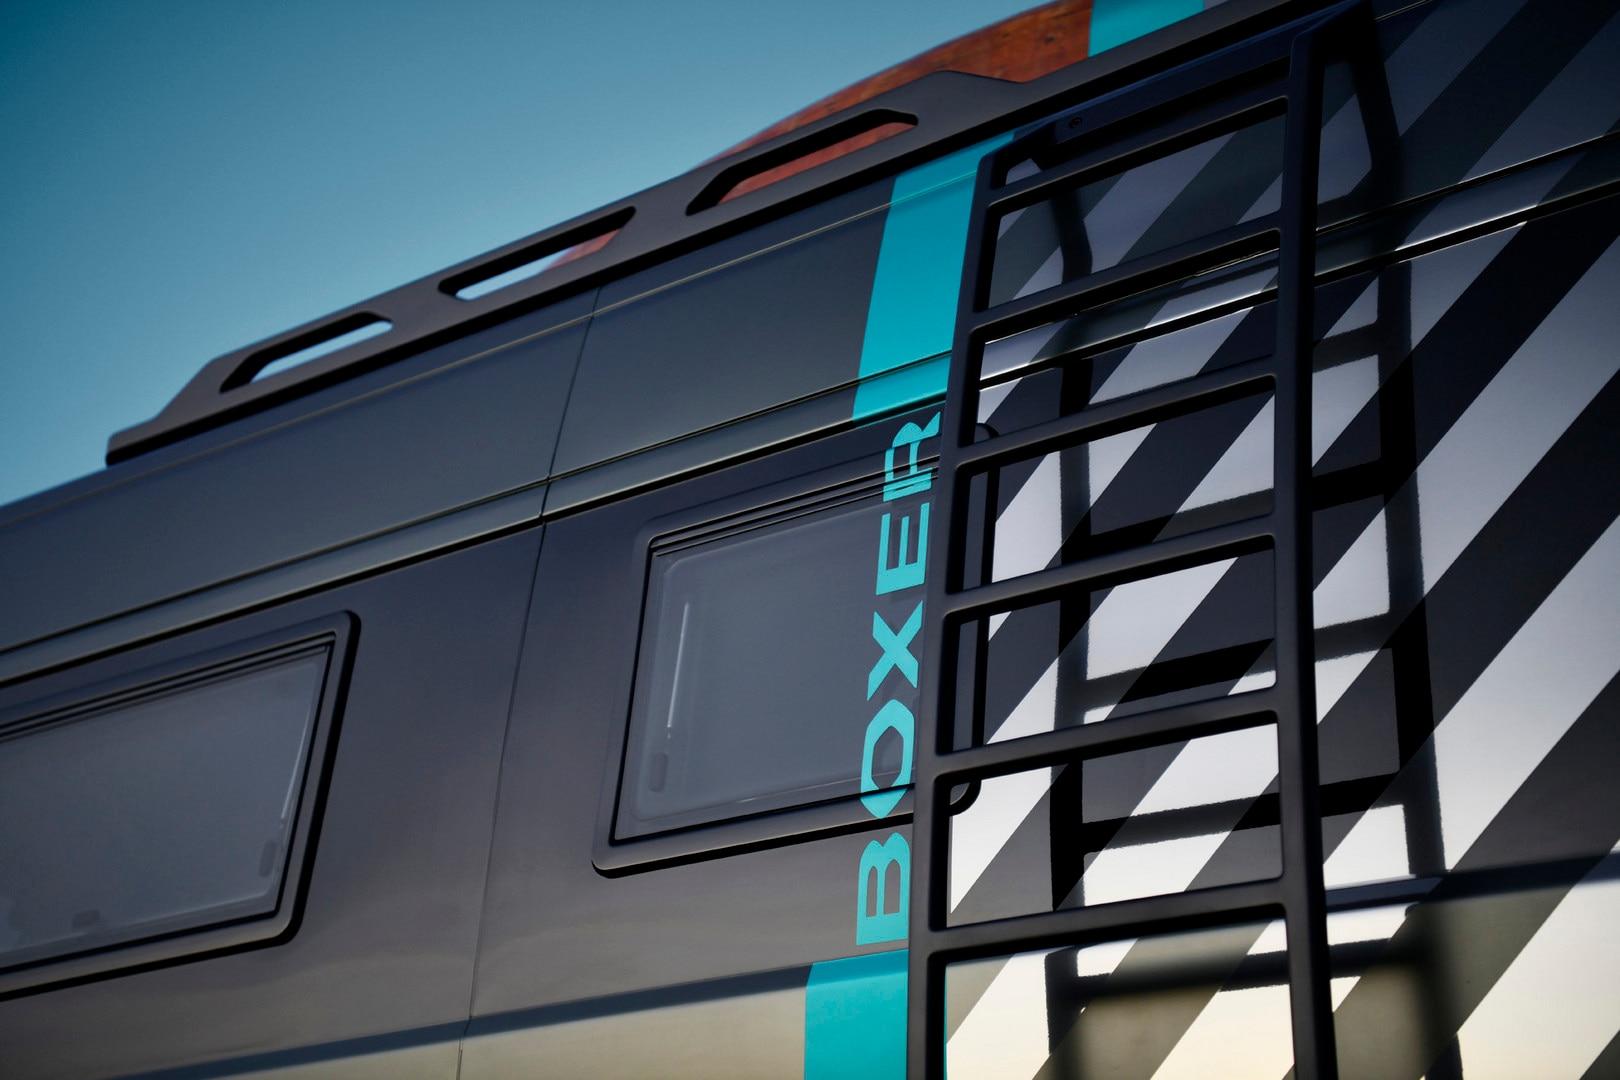 PEUGEOT BOXER 4x4 CONCEPT: L'échelle latérale sur mesure épouse le passage de roue et garantie un accès facile à la galerie, tout en laissant l'accès aux équipements latéraux.